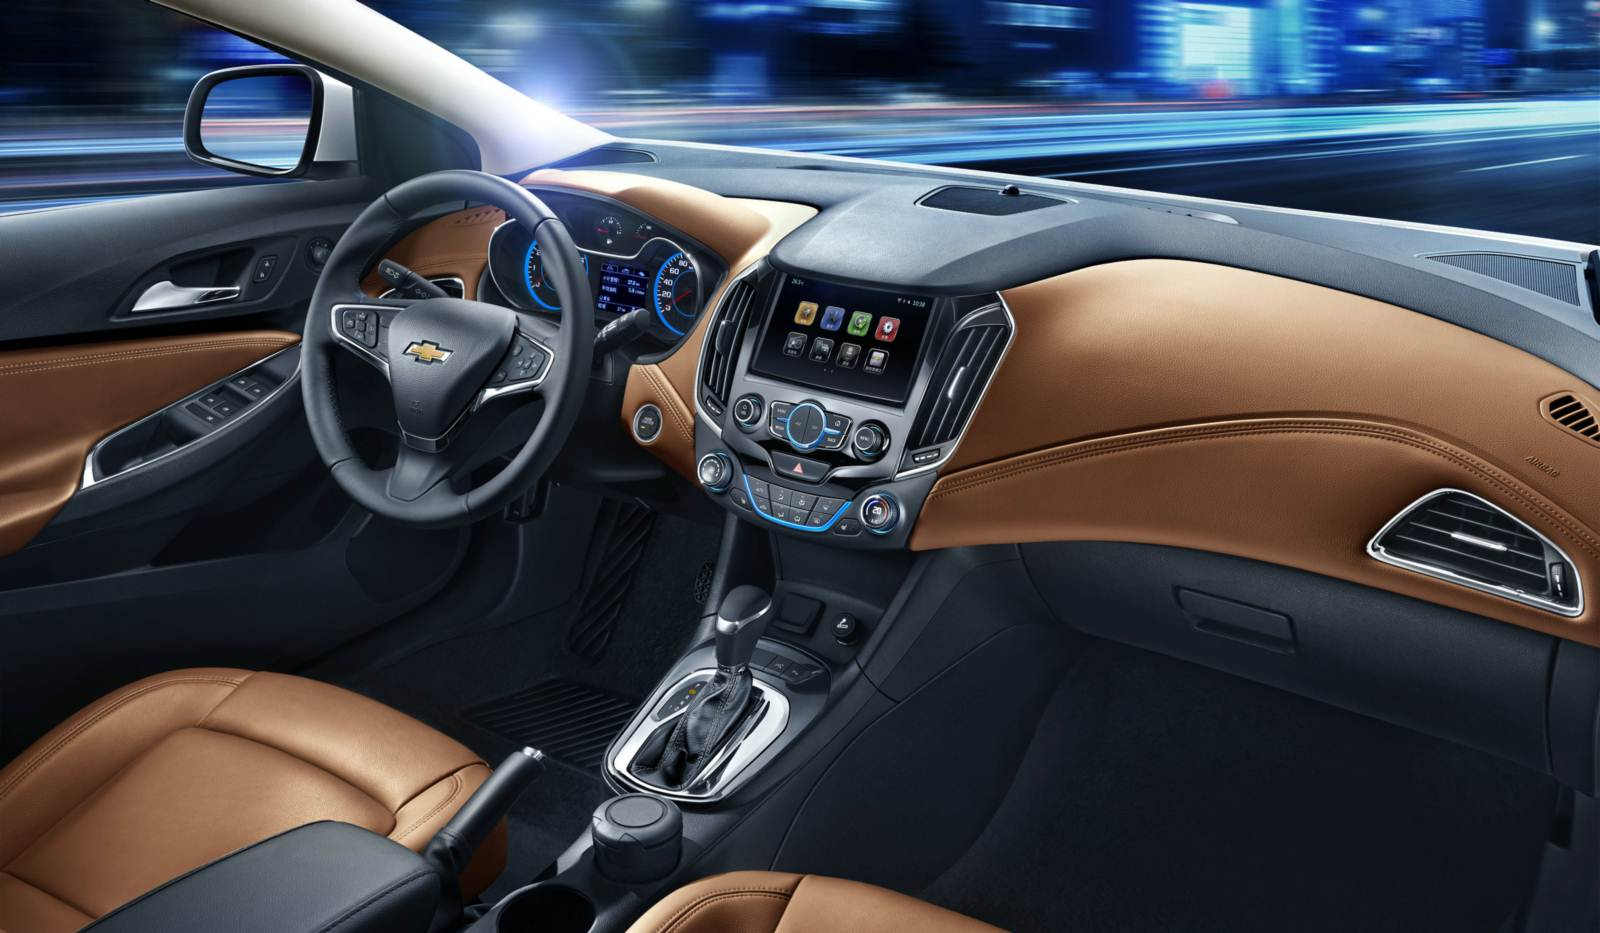 Chevrolet Cruze 2015: fotos oficiais do interior divulgadas | CAR.BLOG